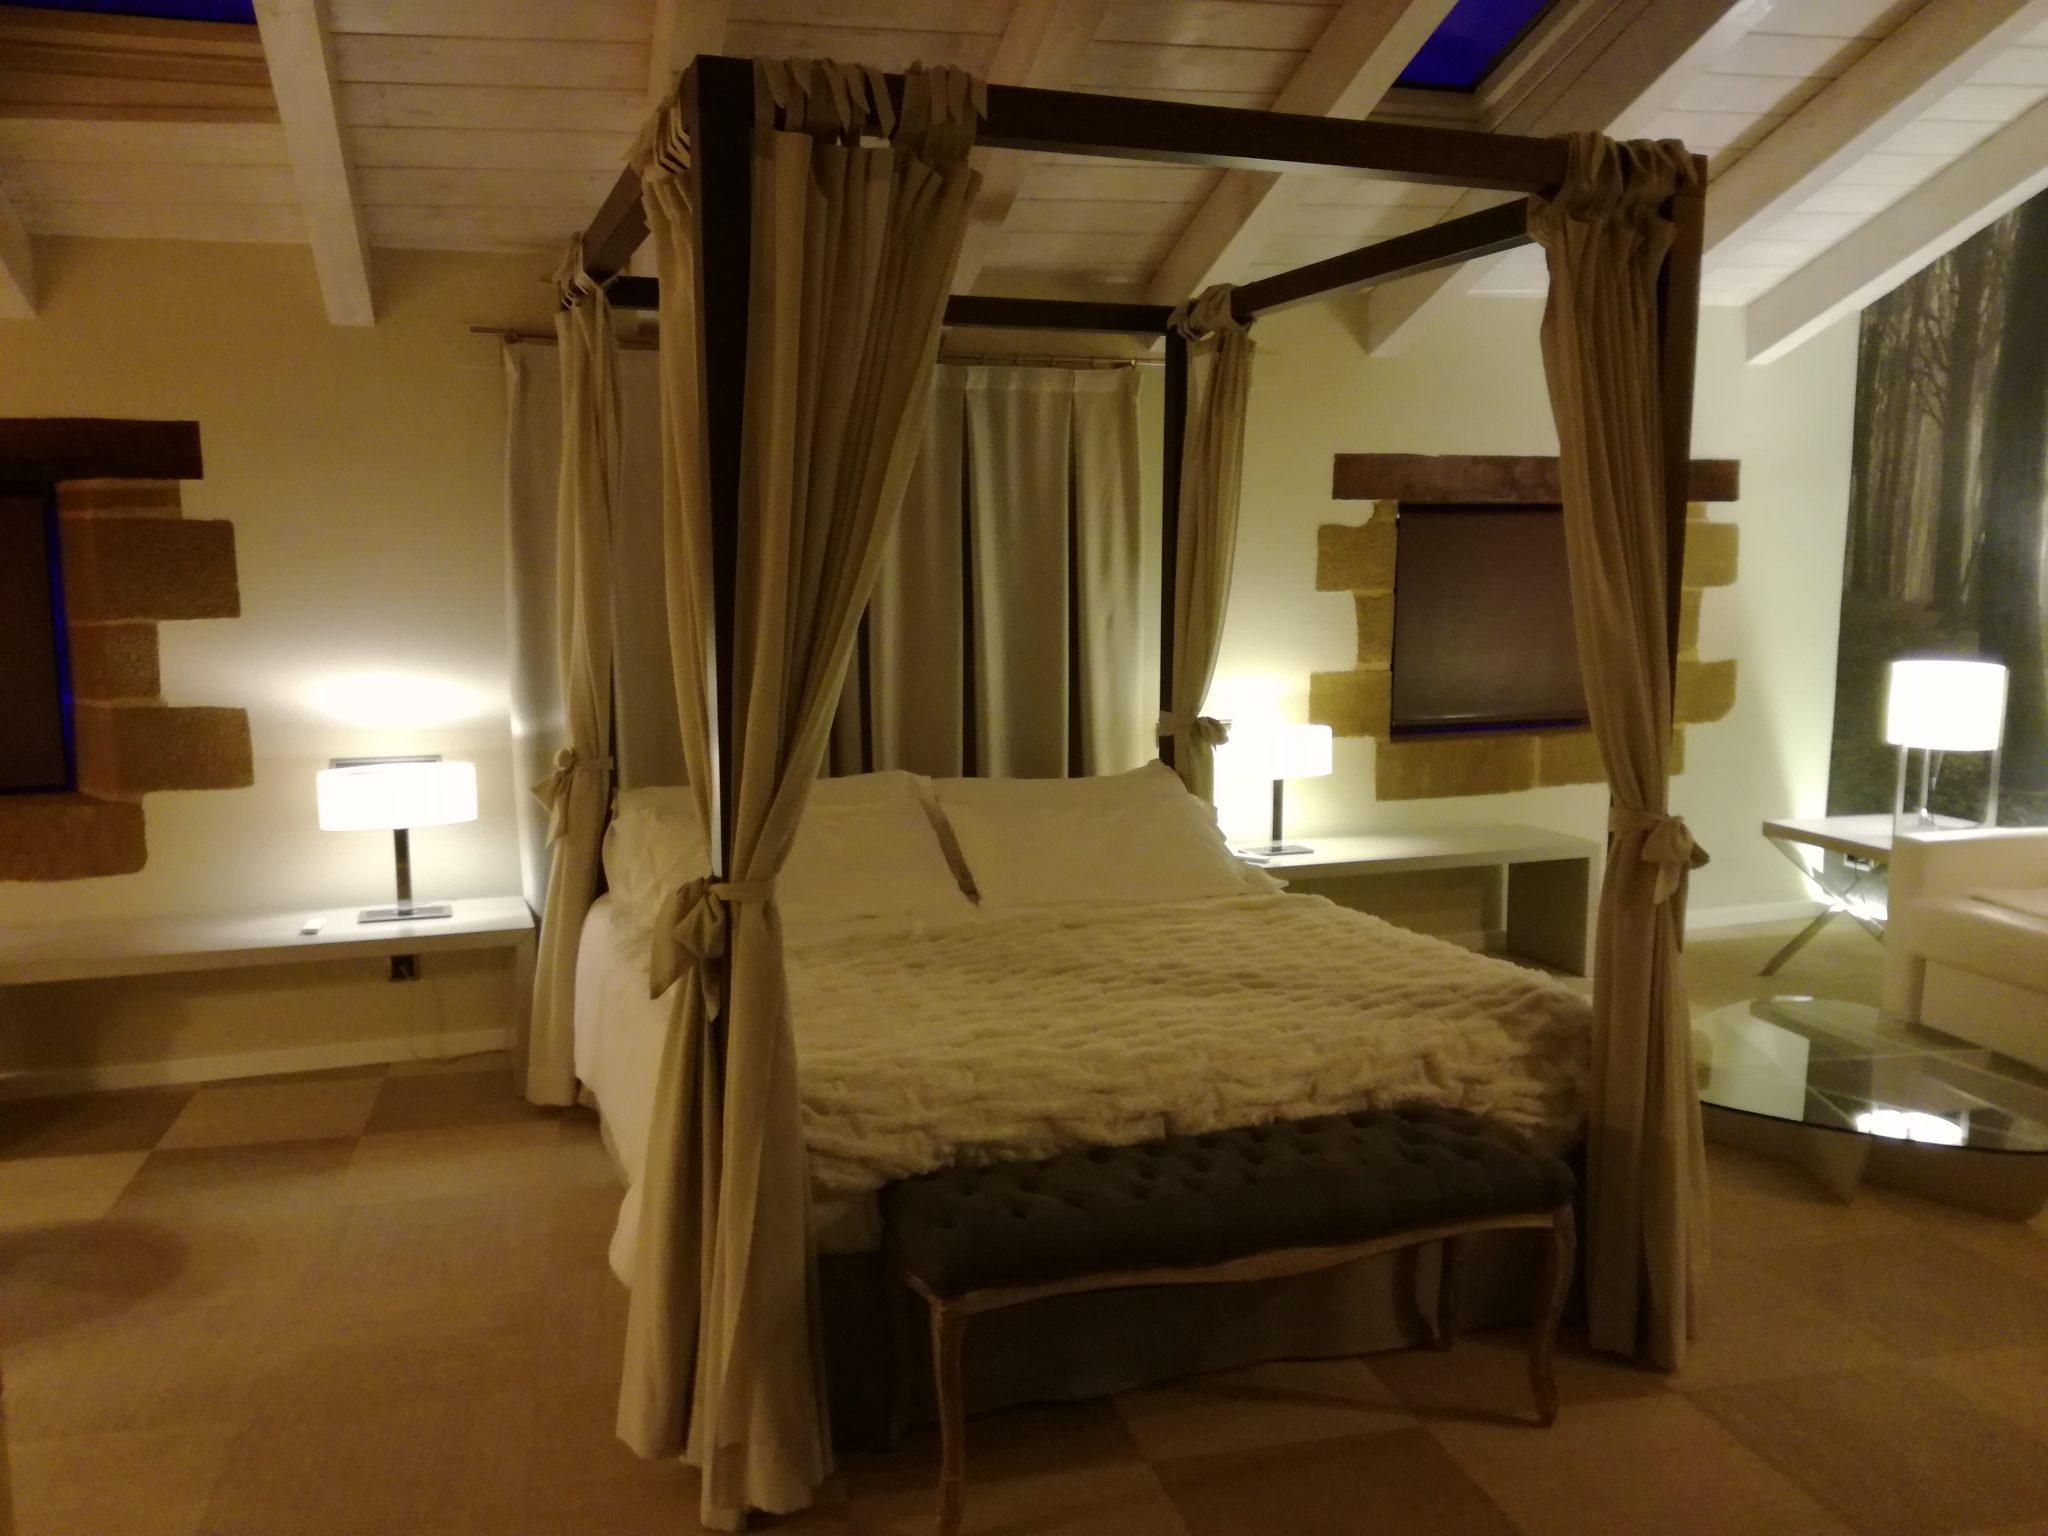 UN HOTEL CON SUPER ENCANTO